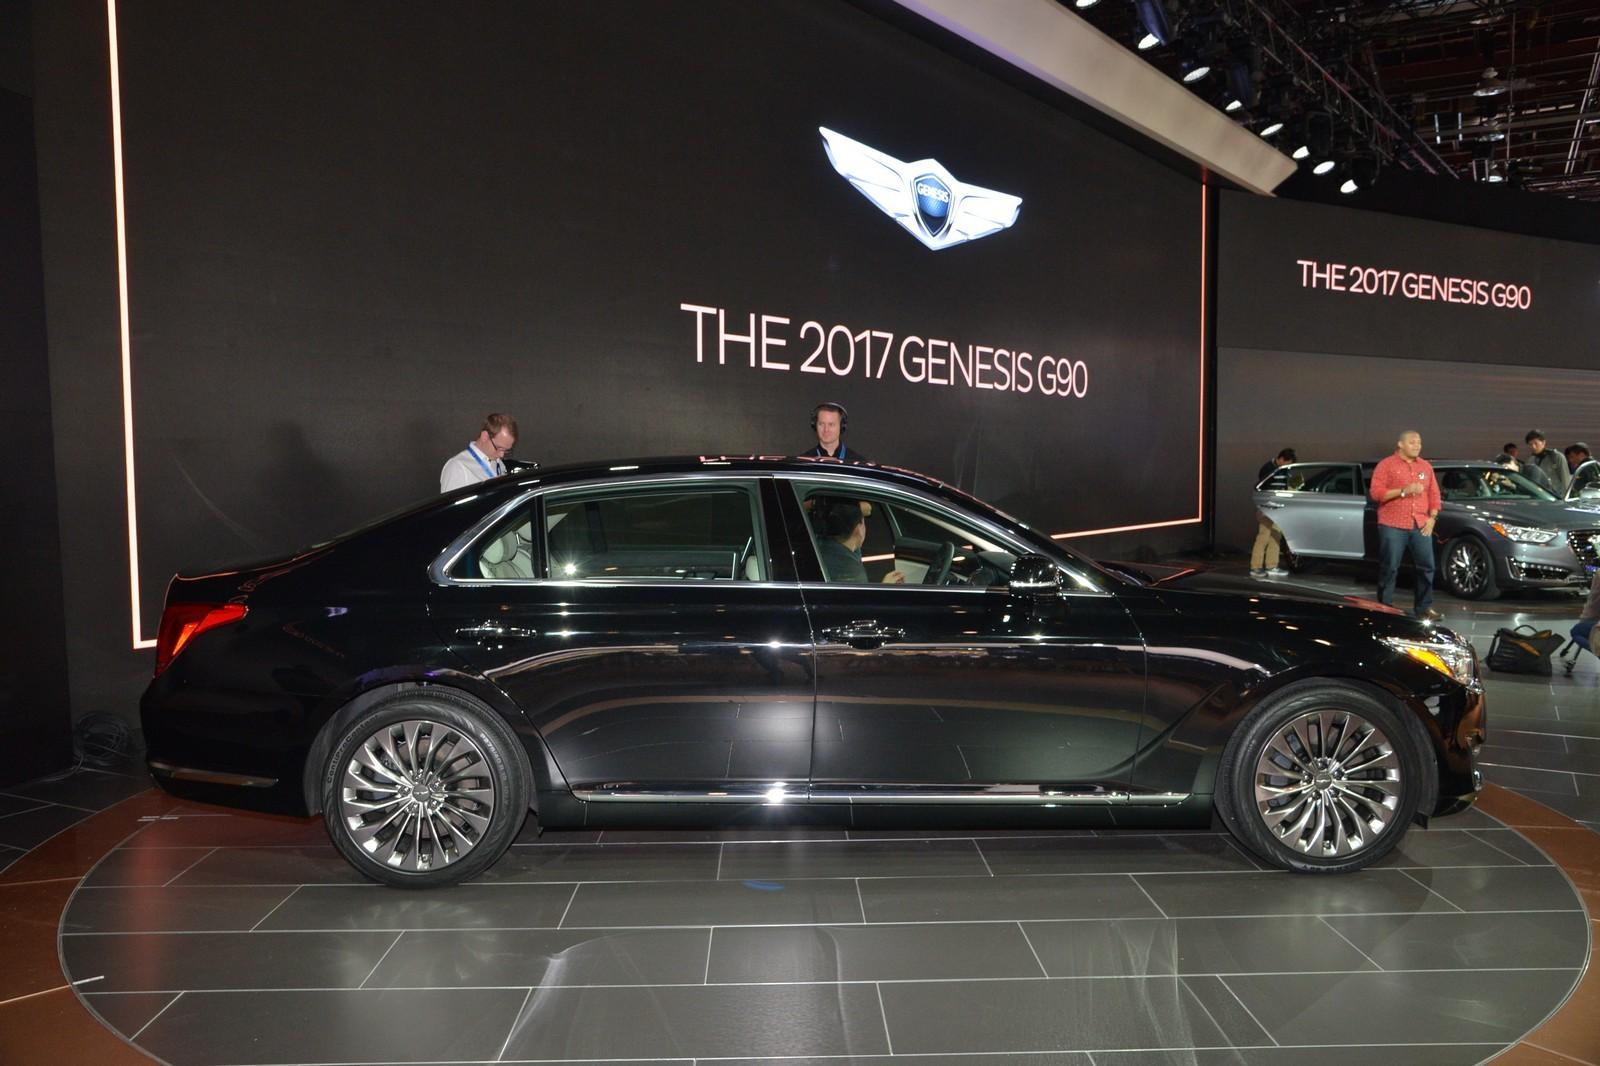 Названы русские ценны седана премиум-класса Genesis G90